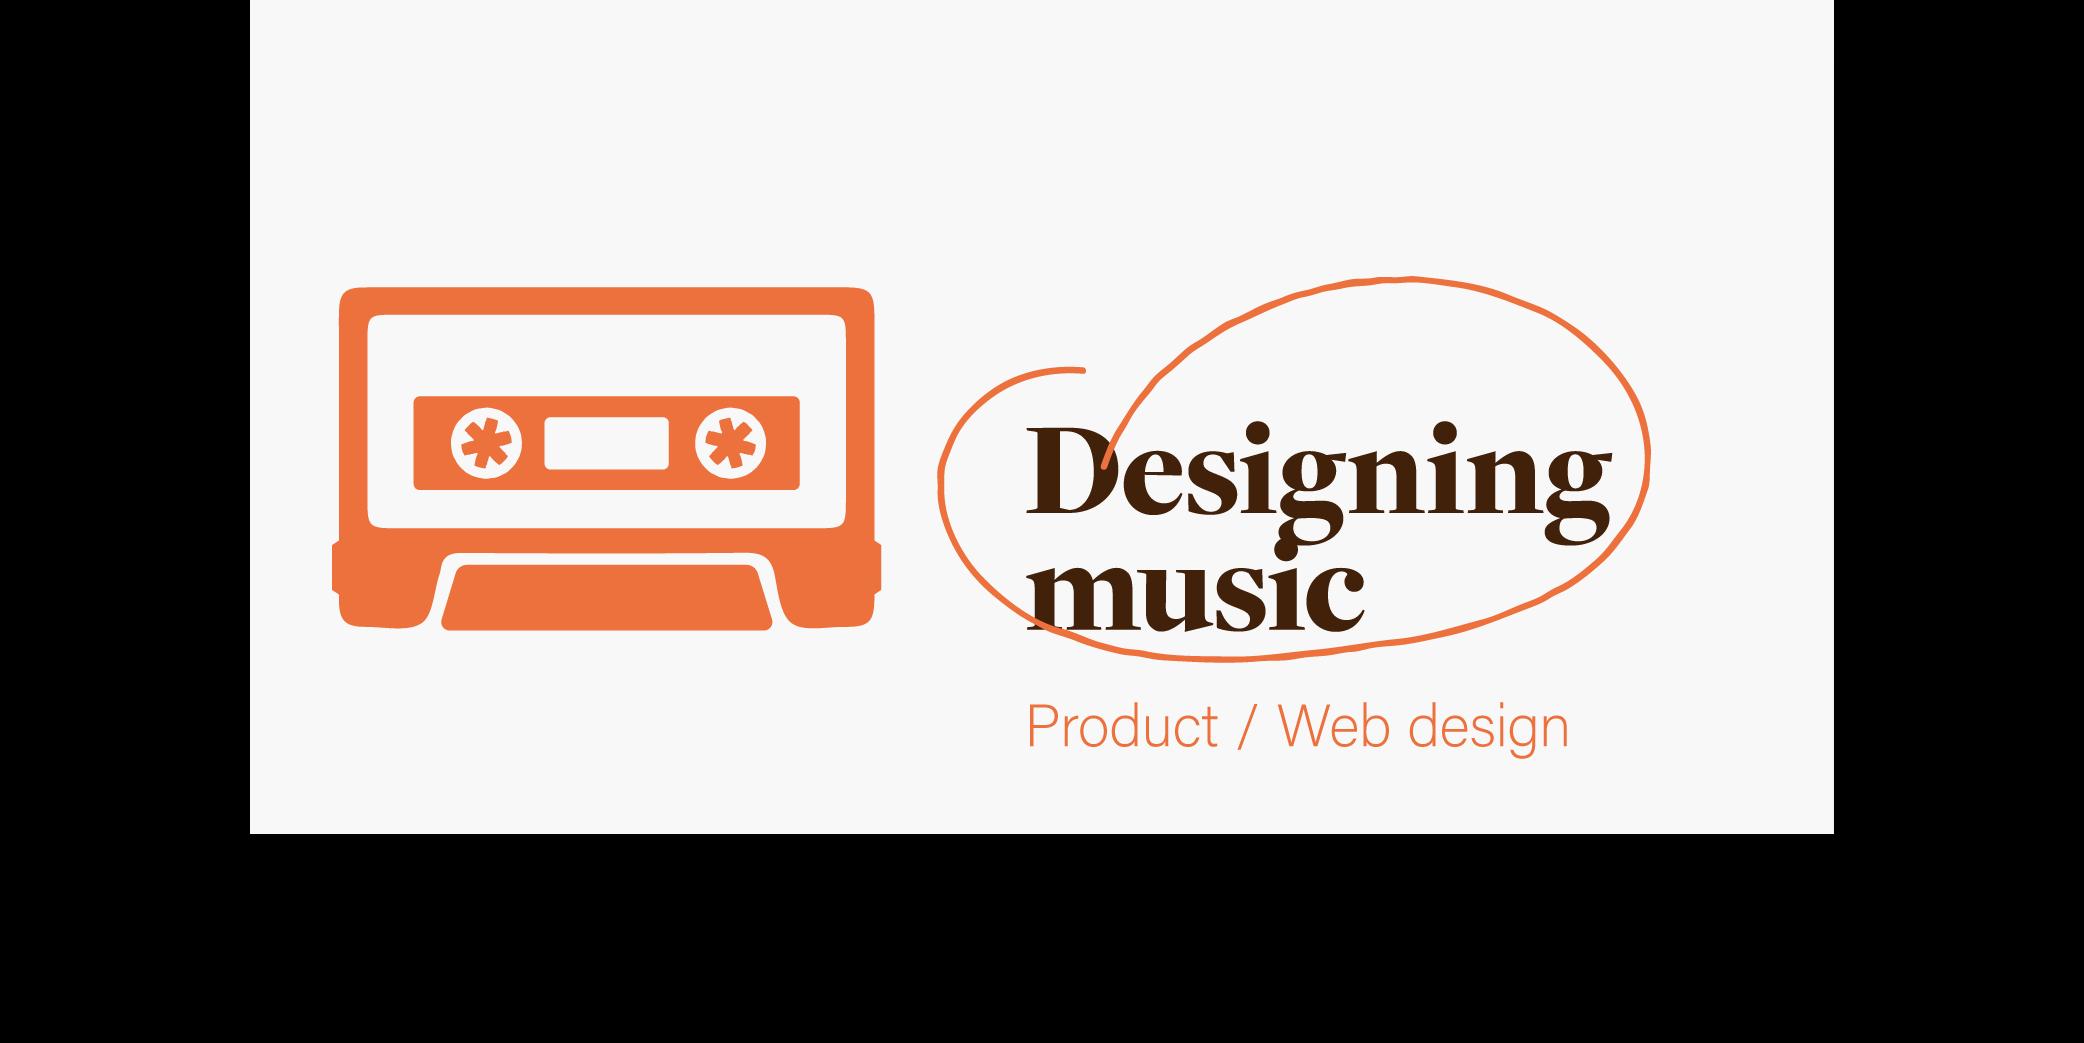 designing-music